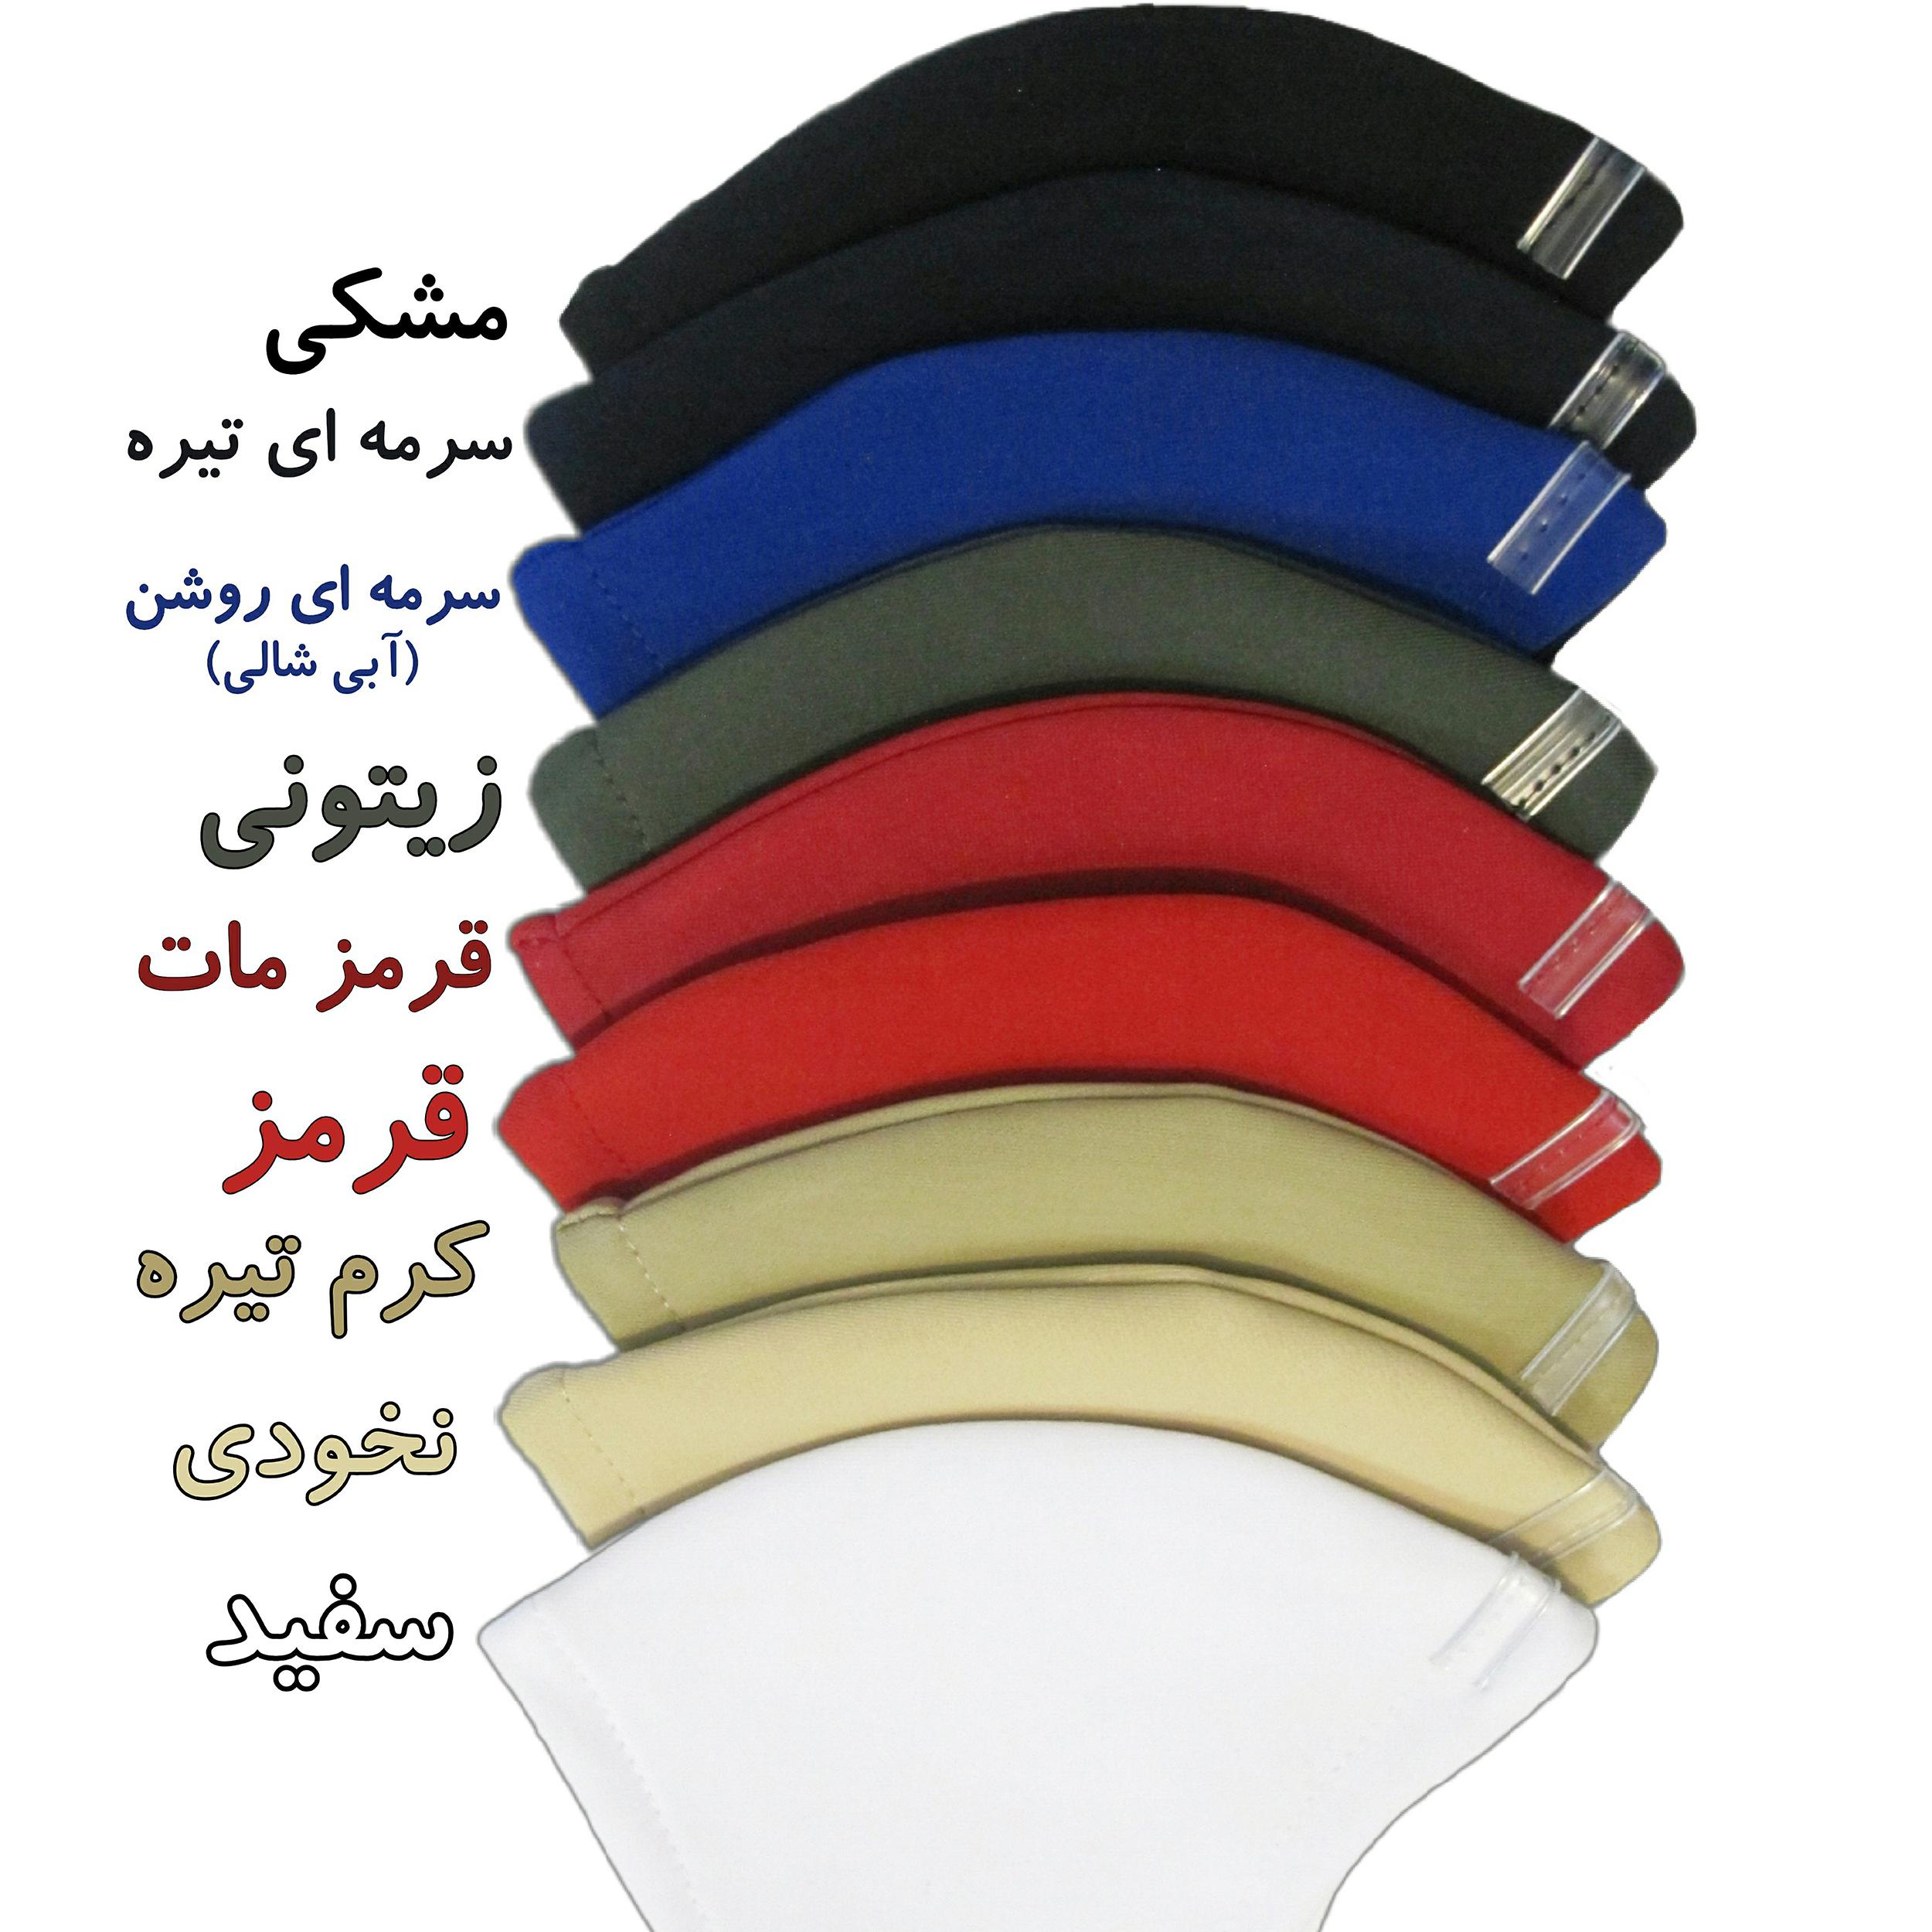 ماسک پارچه ای مدل mgh1 main 1 6